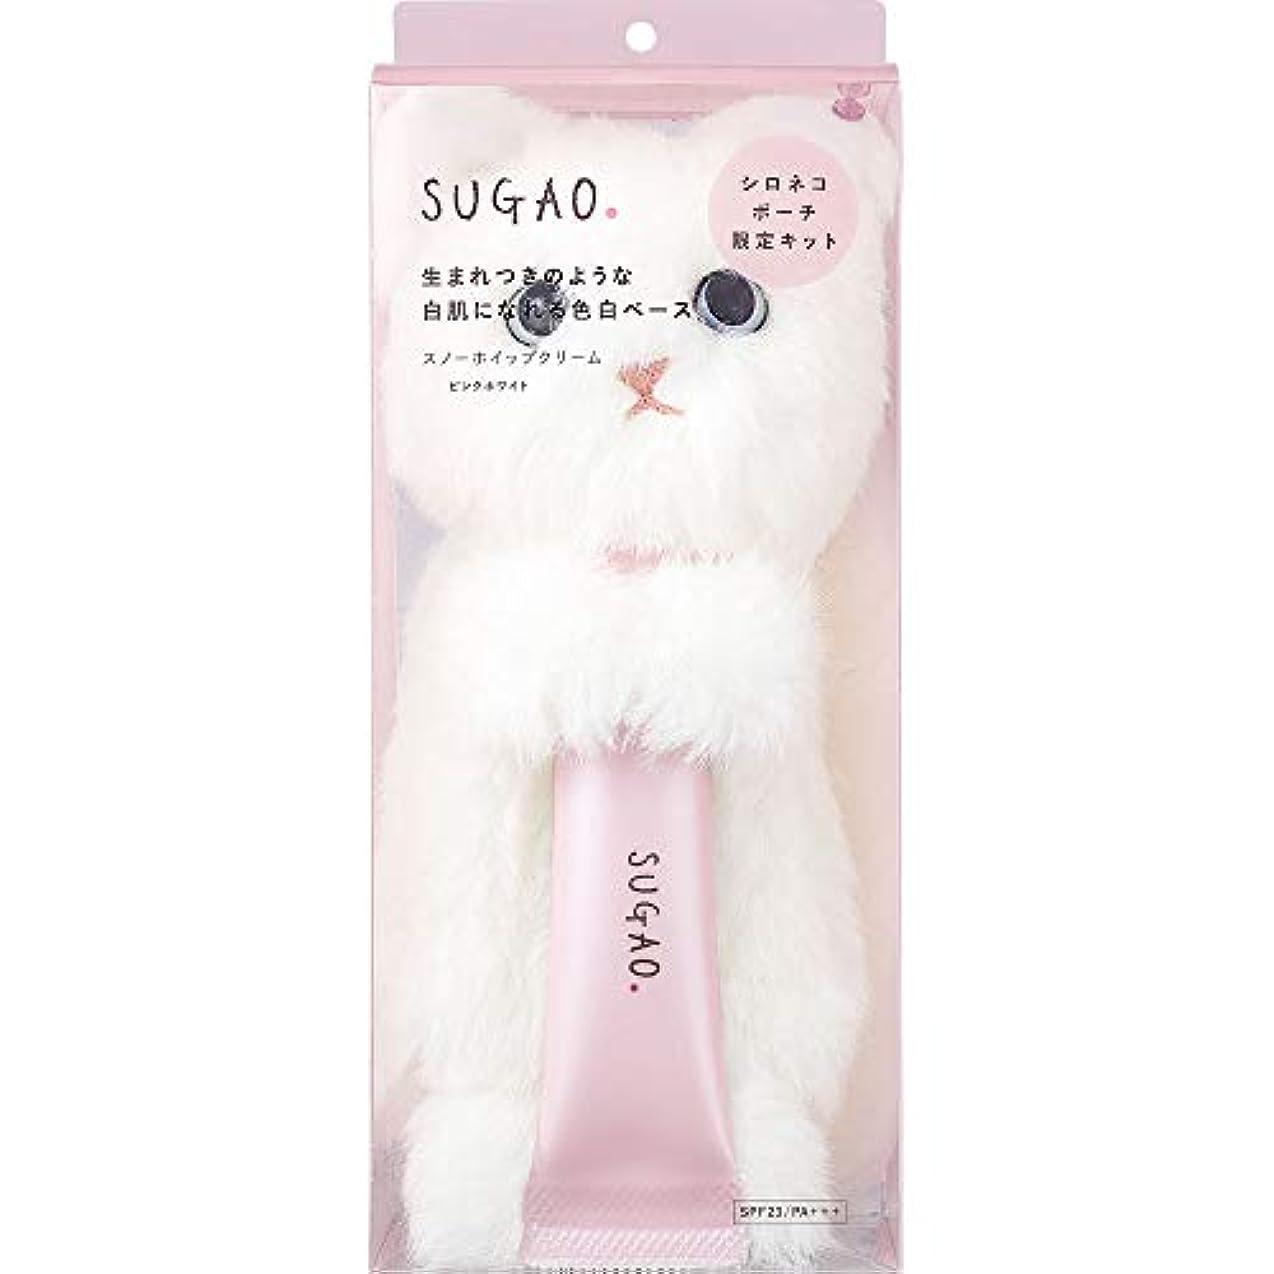 文化アイドル入り口スガオ (SUGAO) 化粧下地 スノーホイップクリーム シロネコポーチ付き